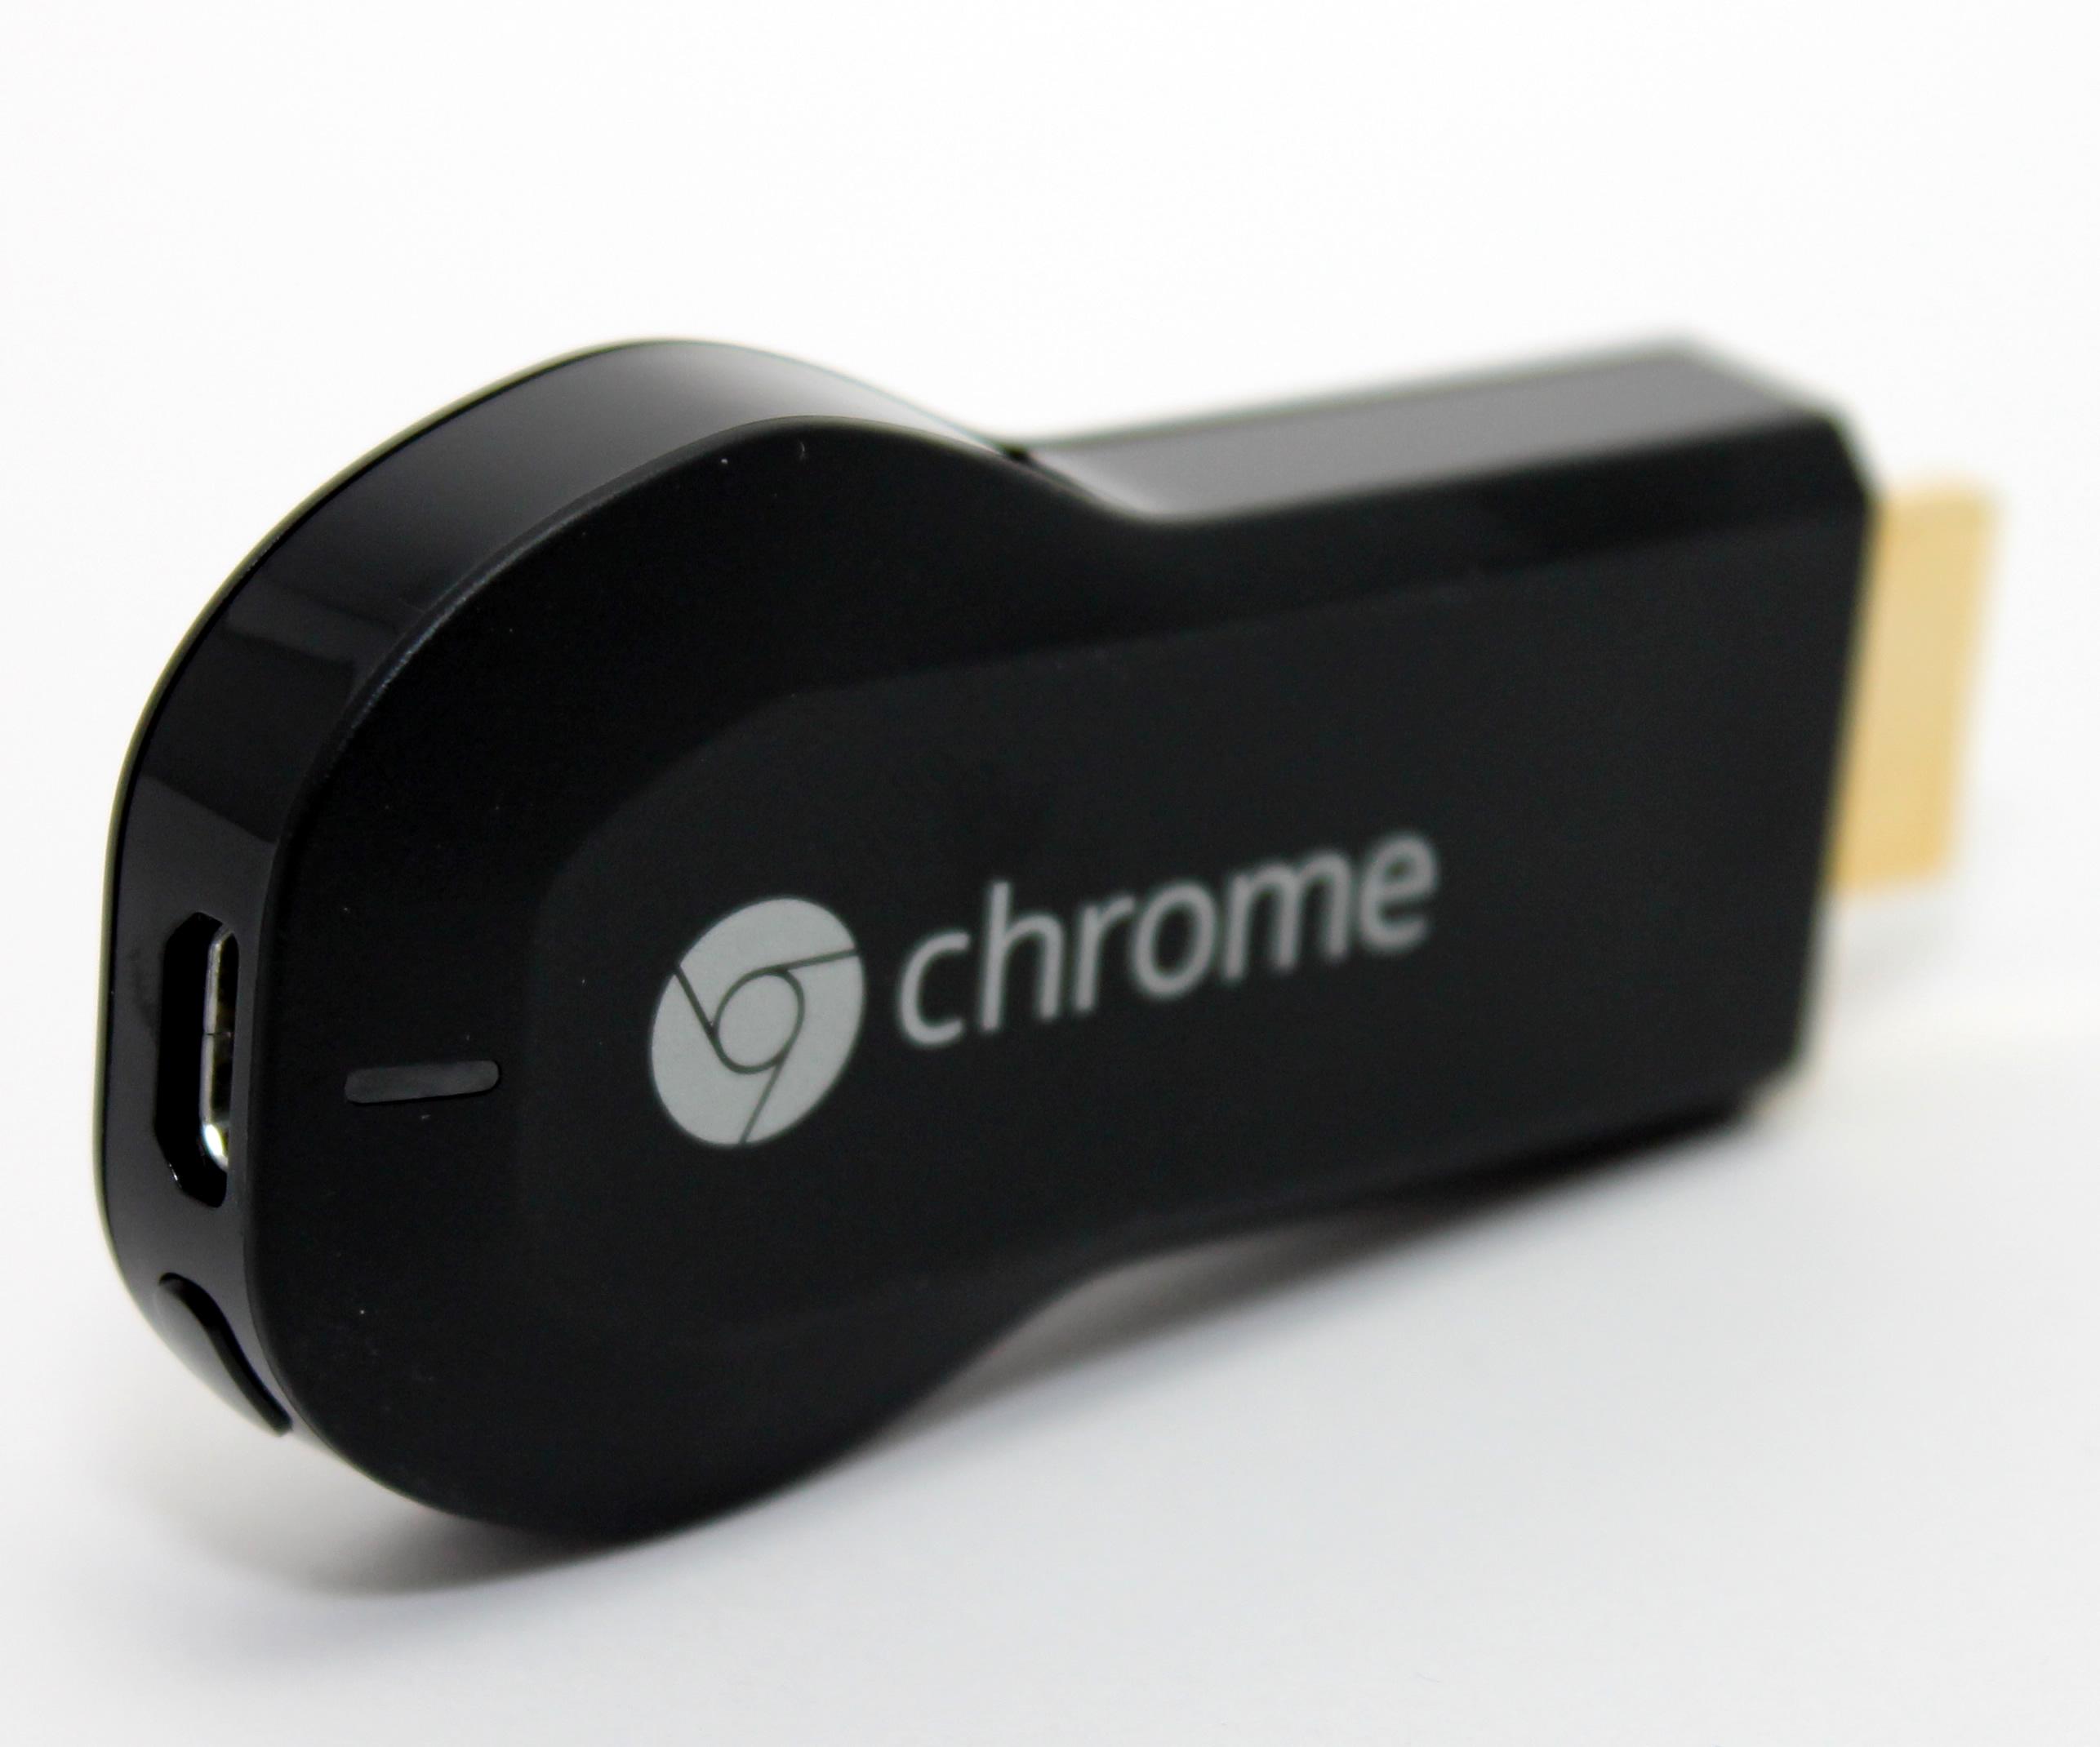 Image Result For Chromecast Review